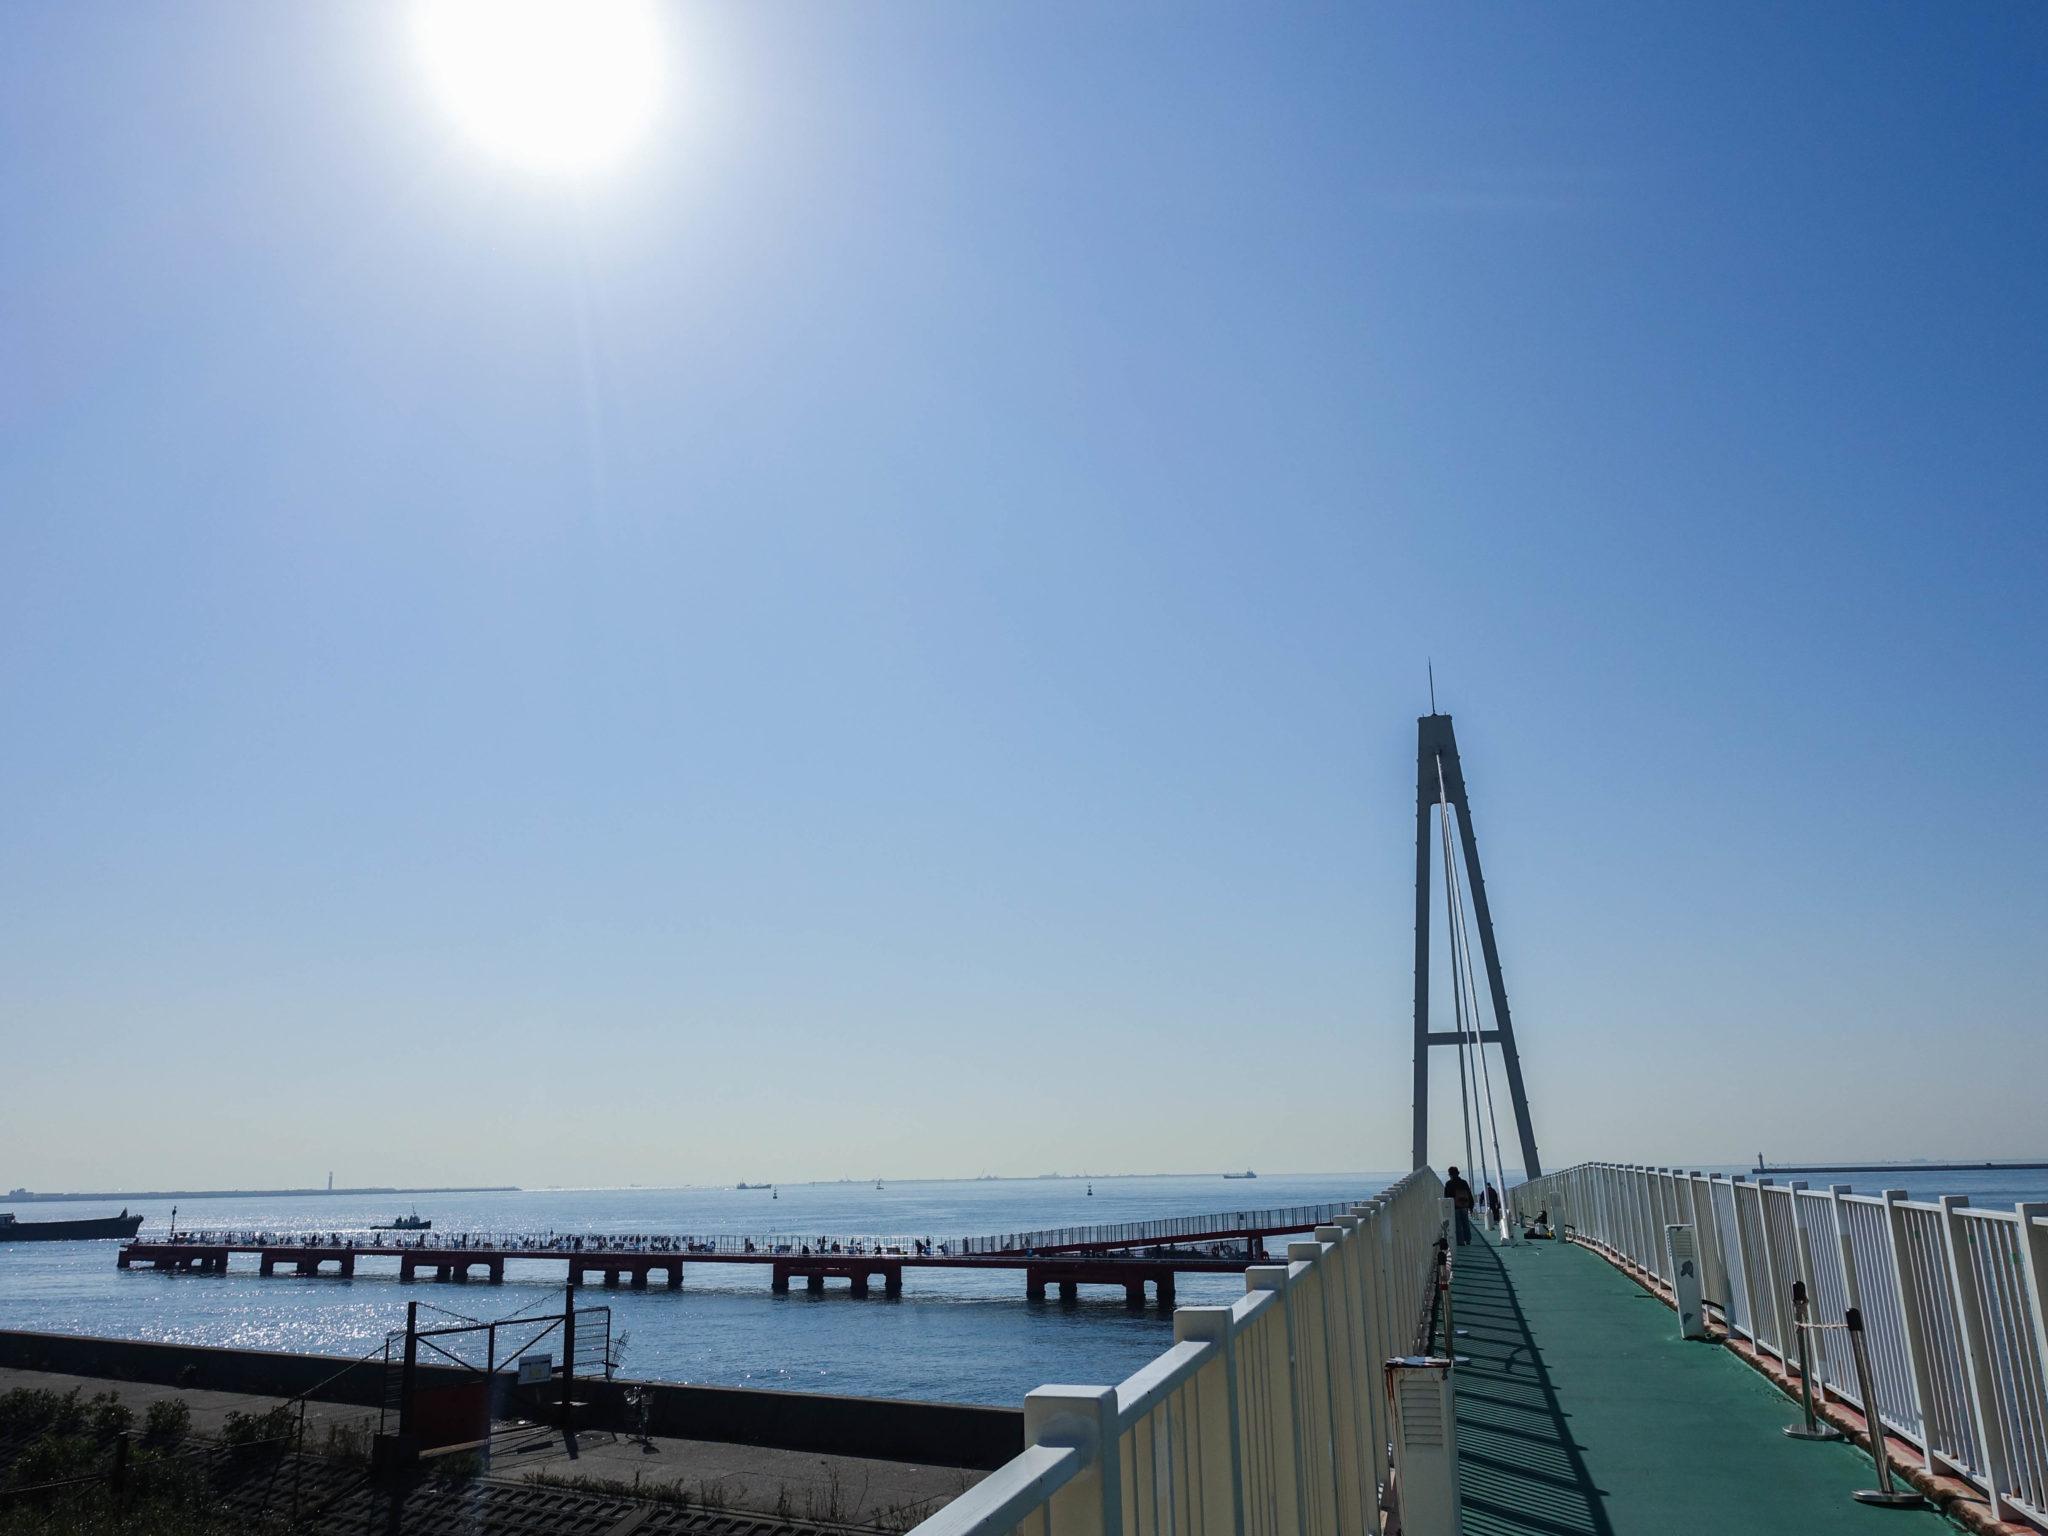 【釣り場紹介】尼崎市立魚釣り公園の釣りポイント・アクセス・釣れる魚種まとめ